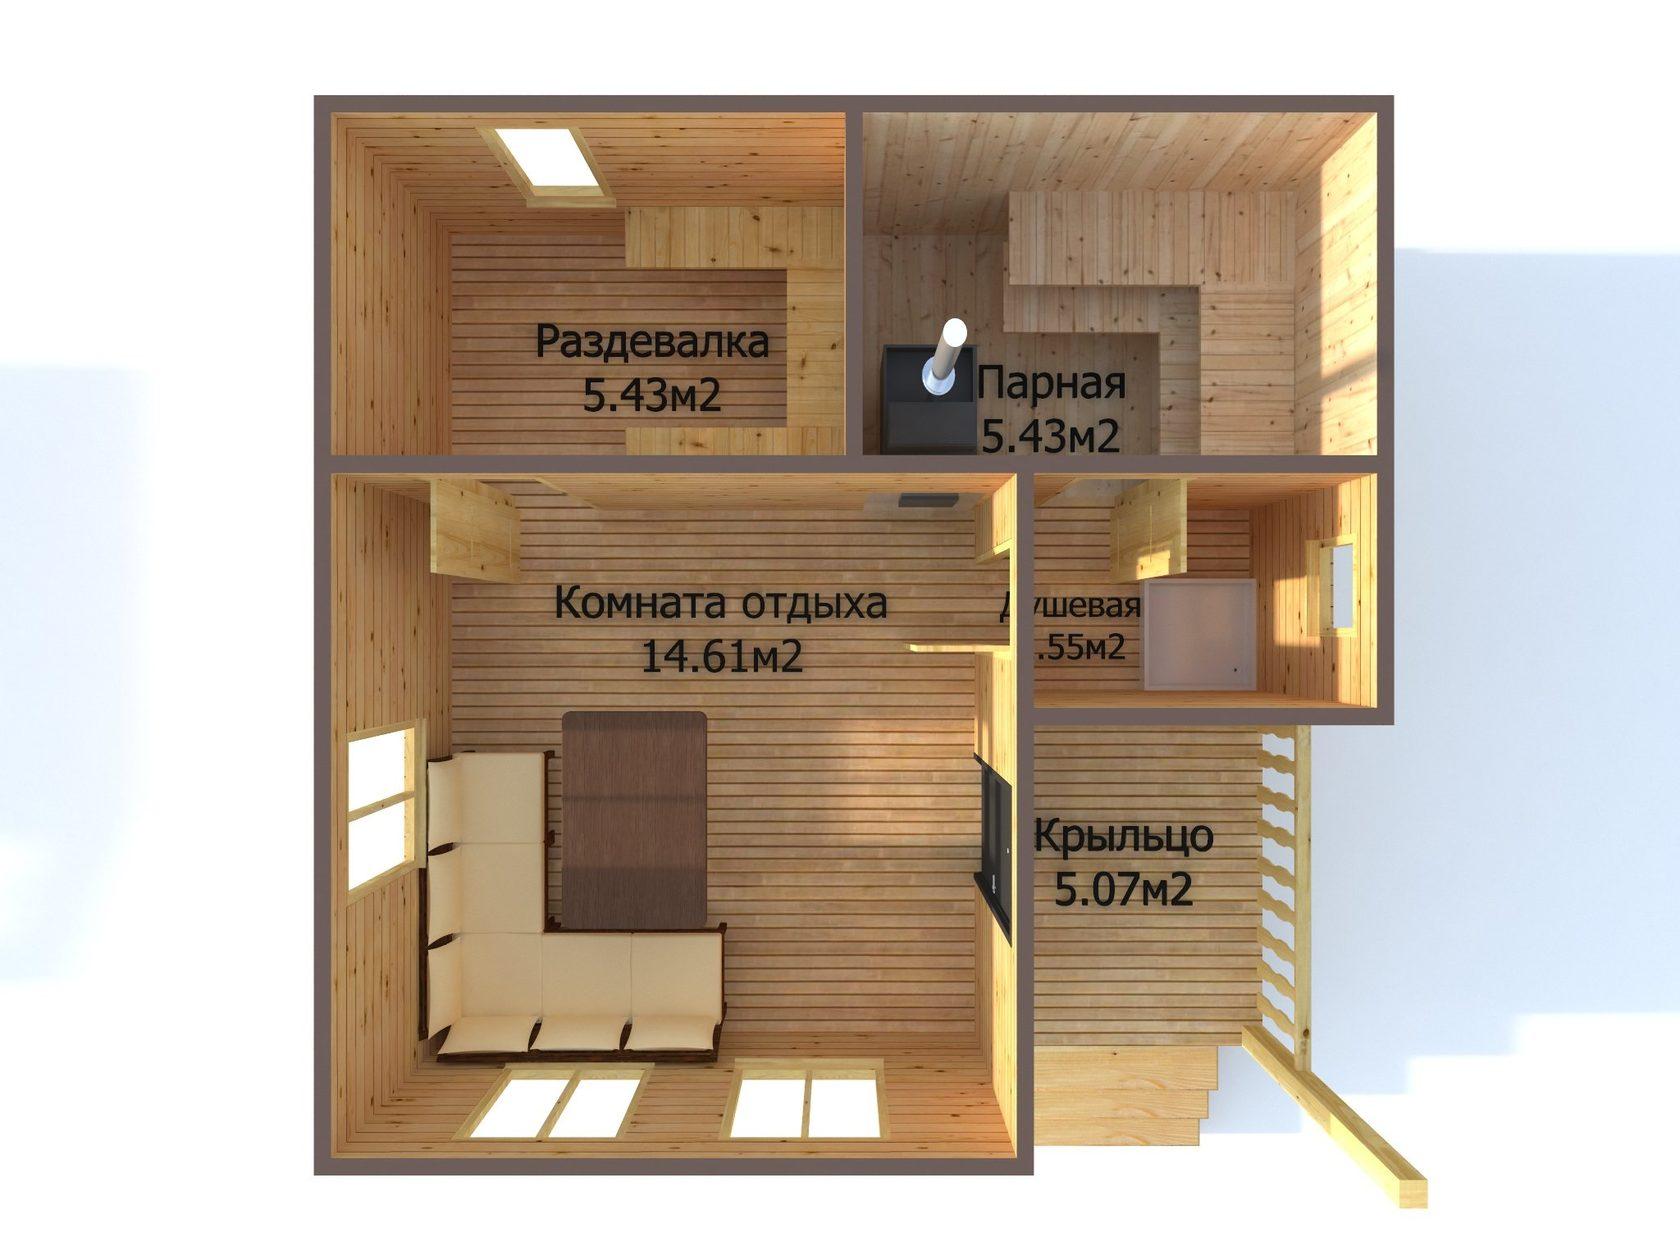 Проект бани из бруса 6х4: особенности составления, постройки и планировки, фото | построить баню ру